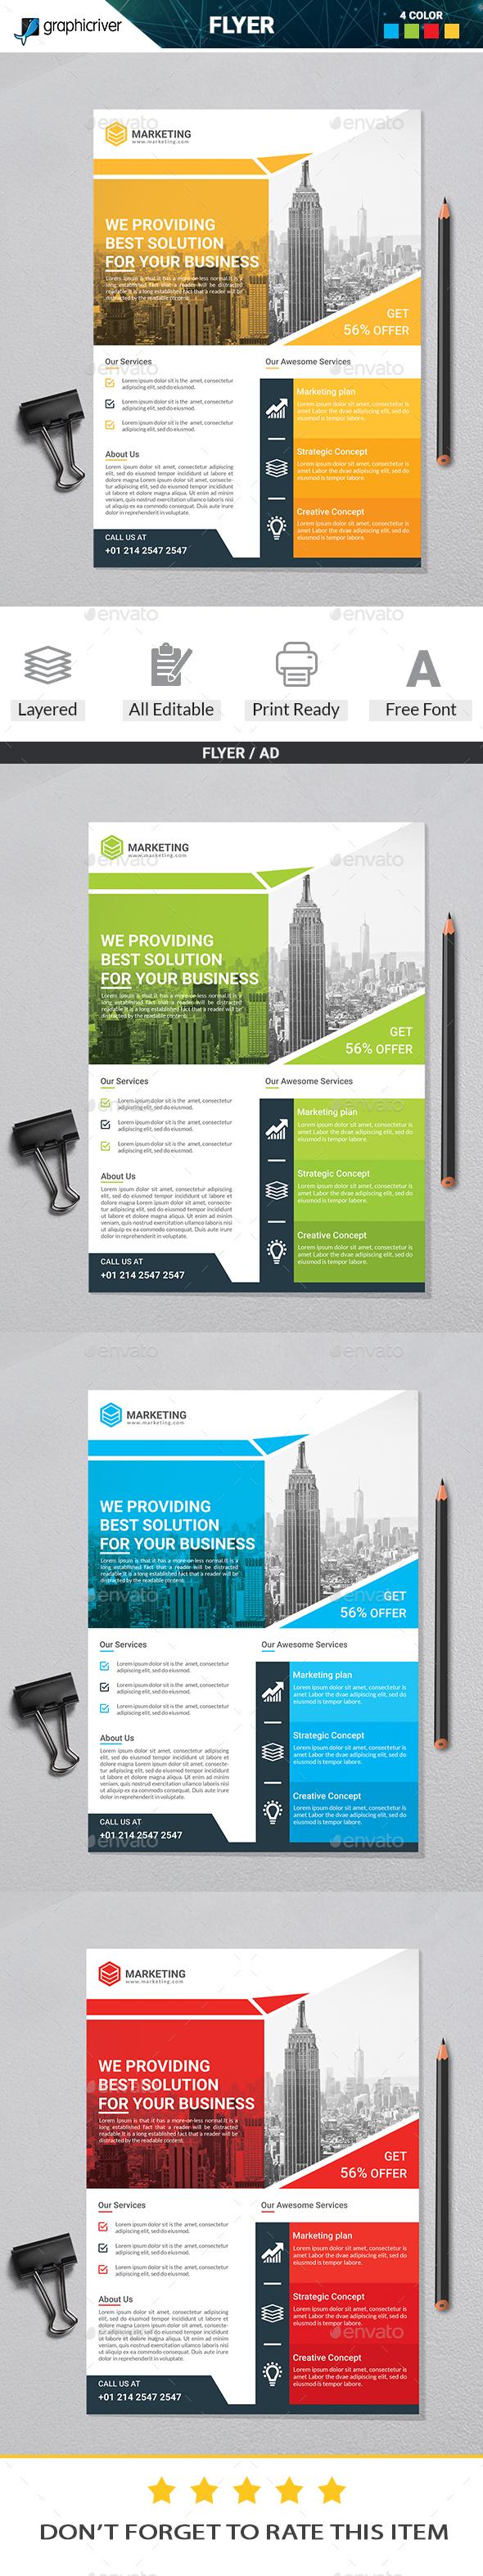 Corporate Flyer | Corporate